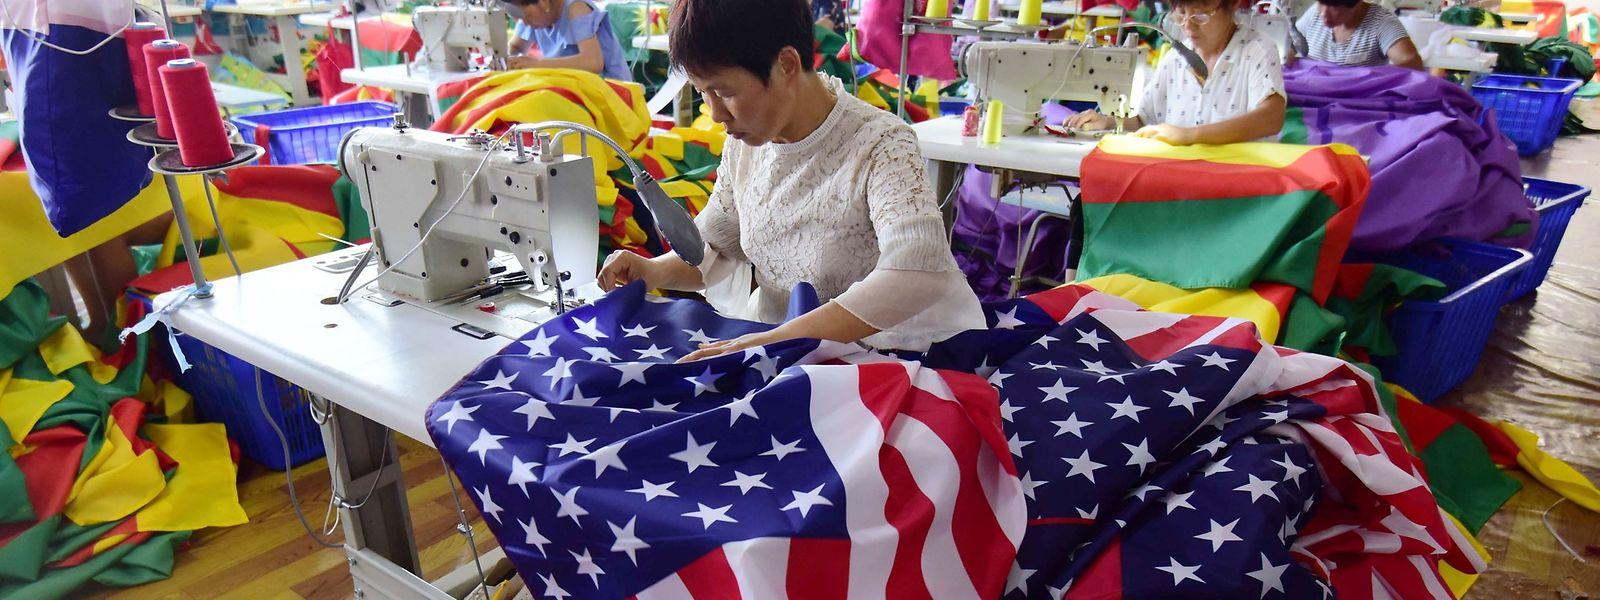 Cette photo prise le 13 juillet montre des employés chinois qui cousent des drapeaux américains dans une fabrique chinoise, à Fuyang, dans la province orientale d'Anhui.